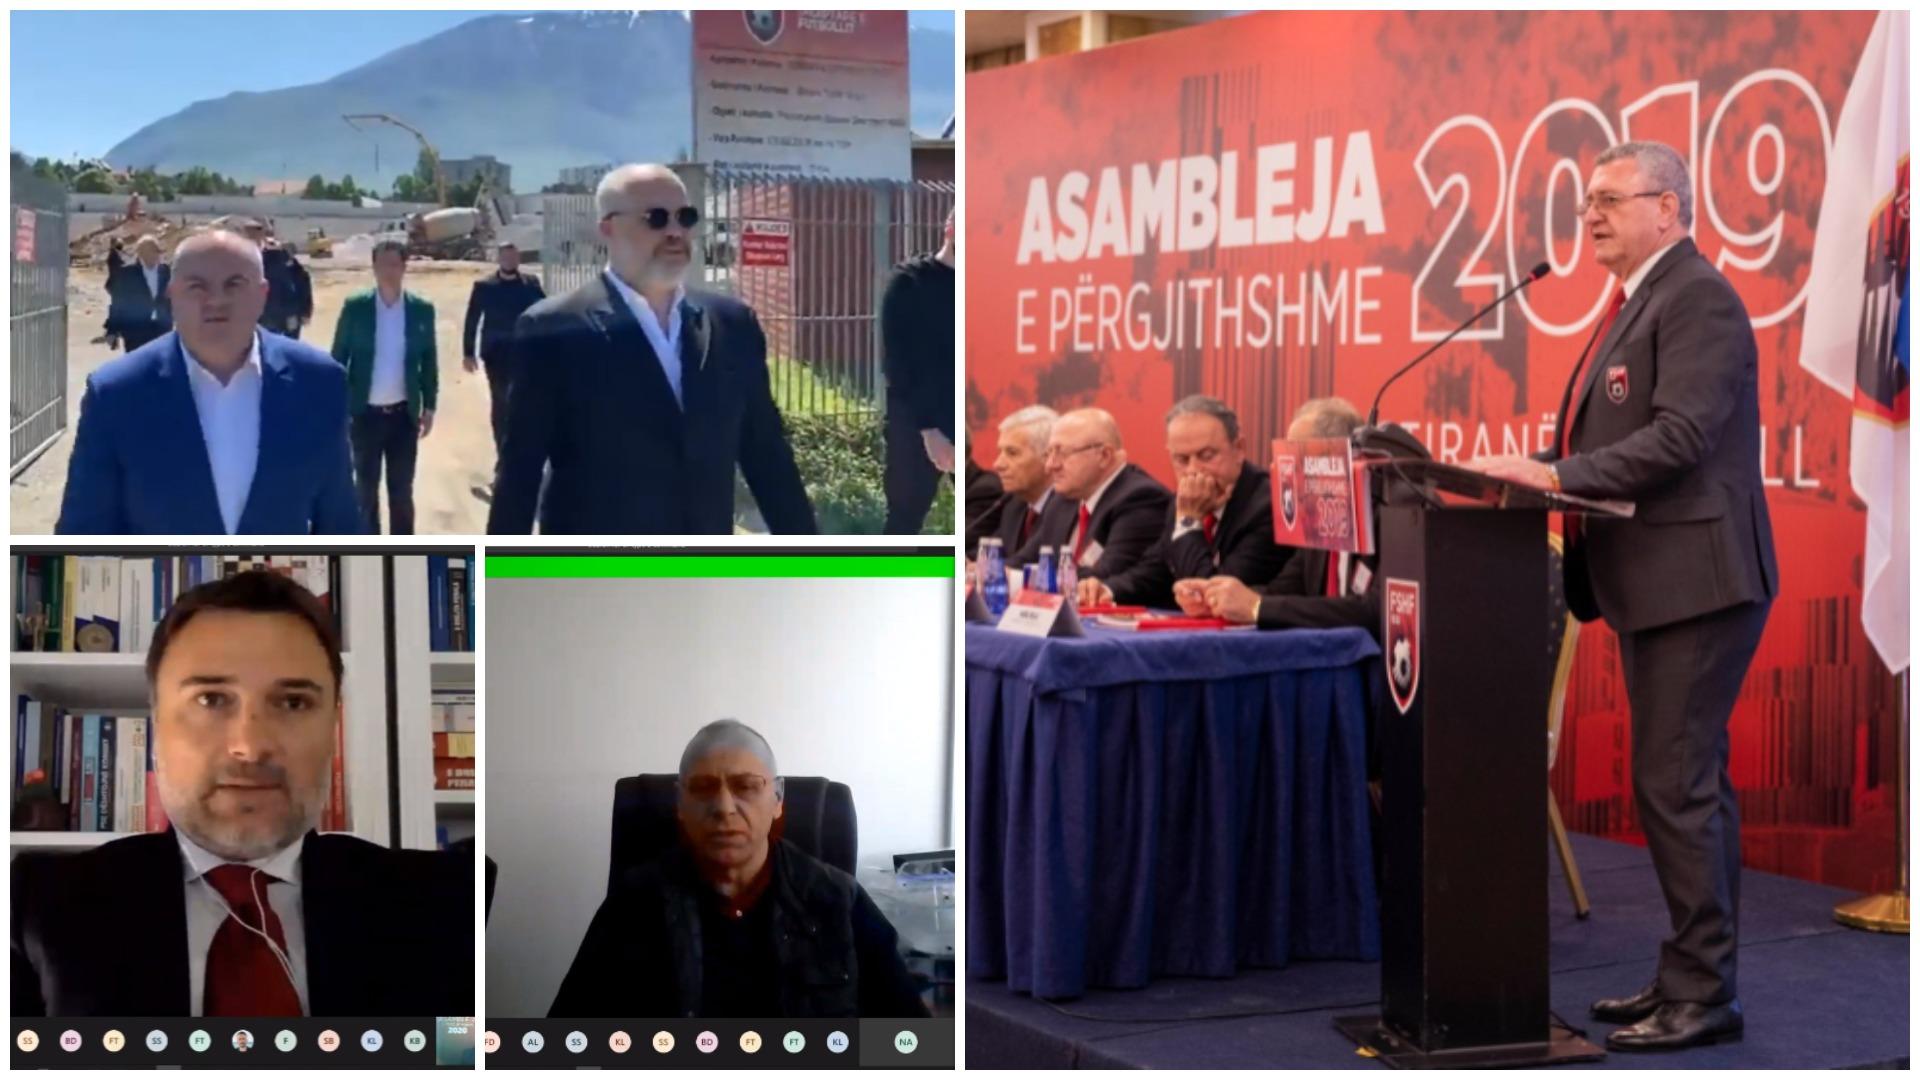 Votime online, projekte dhe ngacmime: Gjithçka nga Asambleja e pazakontë e FSHF